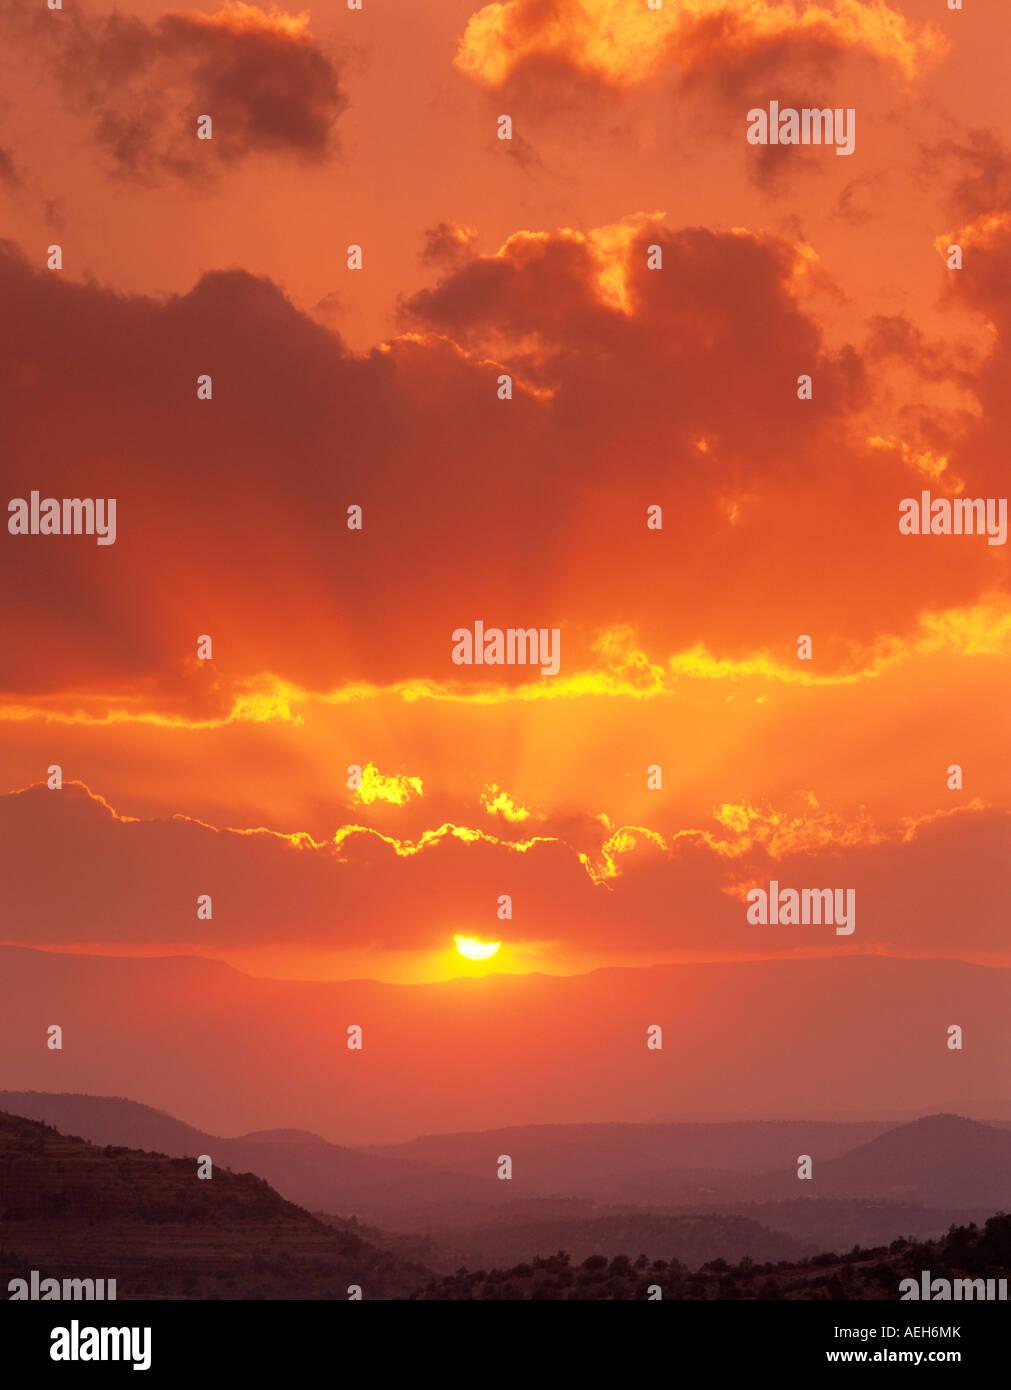 Sonnenuntergang Wolken mit Sonnenstrahlen in der Nähe von Sedona Arizona Stockbild